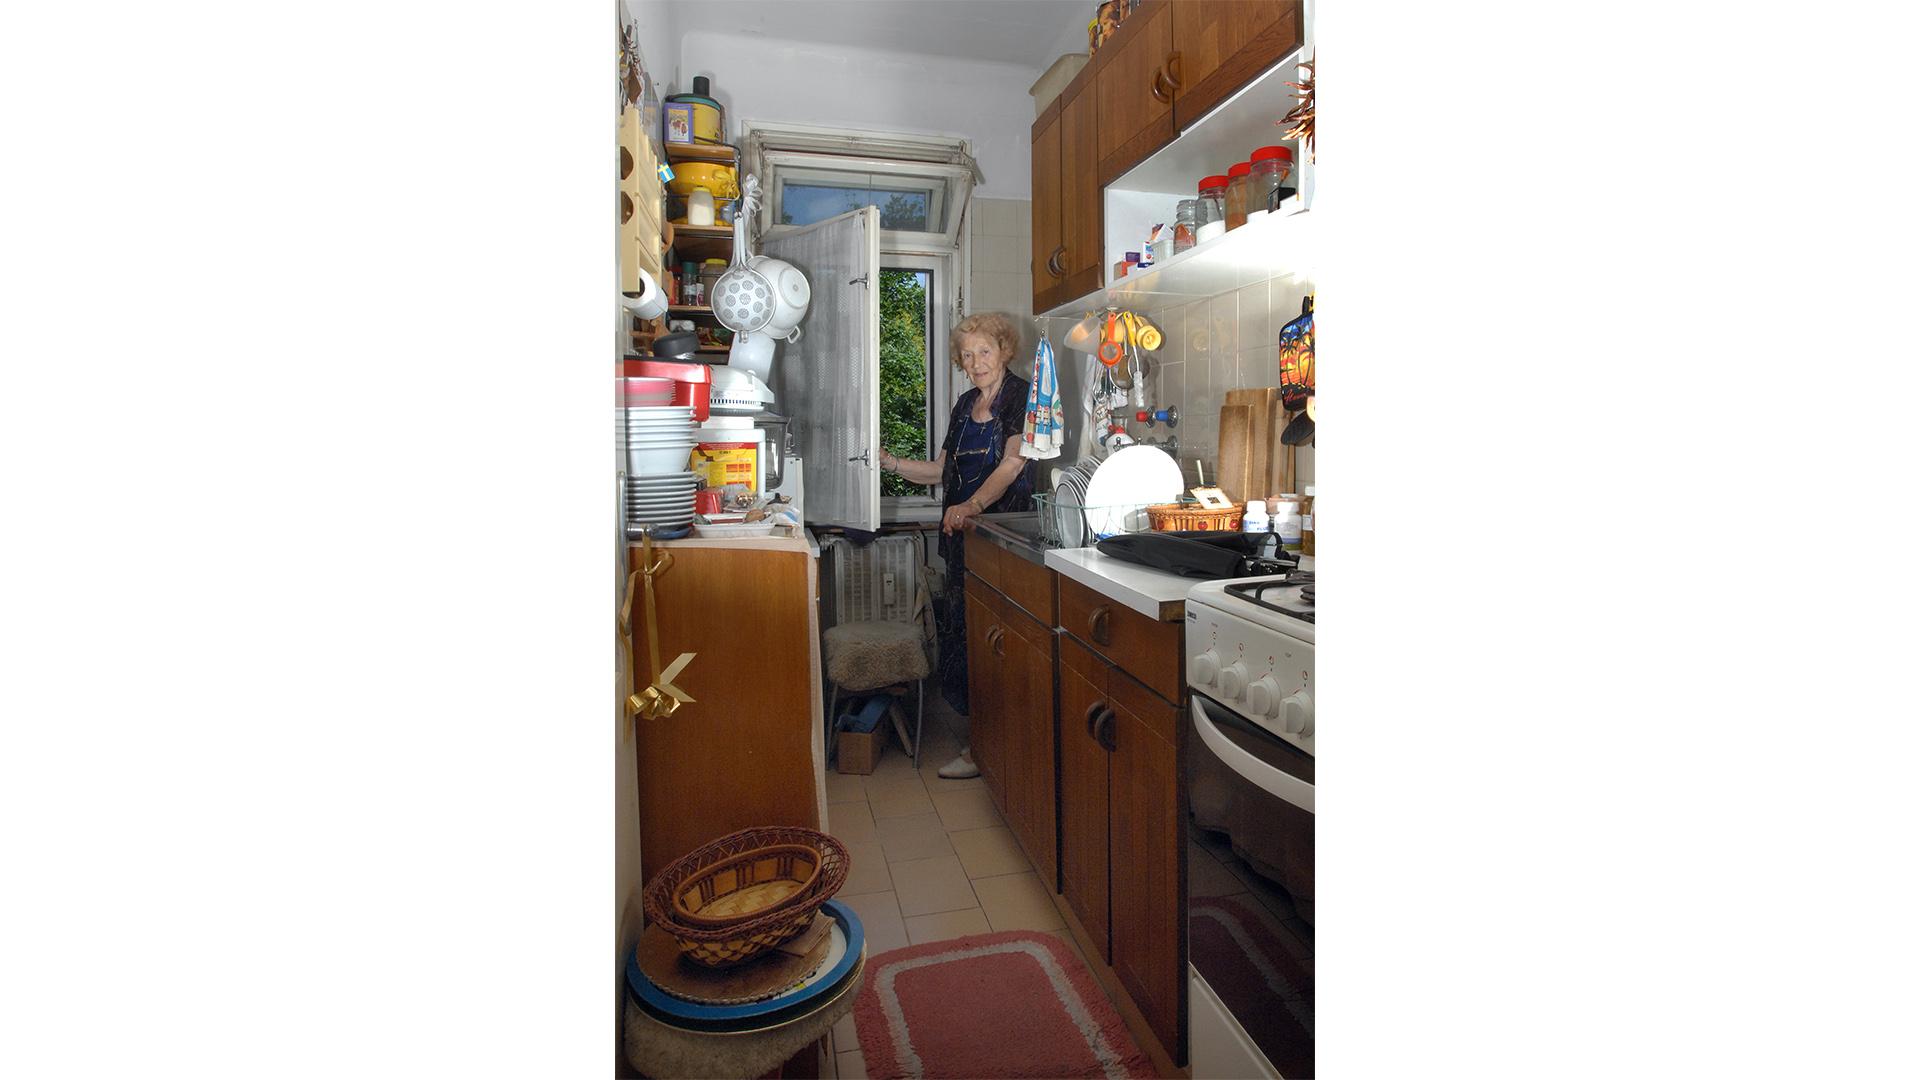 az én konyhám ganxsta zoli holczhaffer csaba kassai ilona konyha kossuth-díjas művésznő színművésznő zana józsef